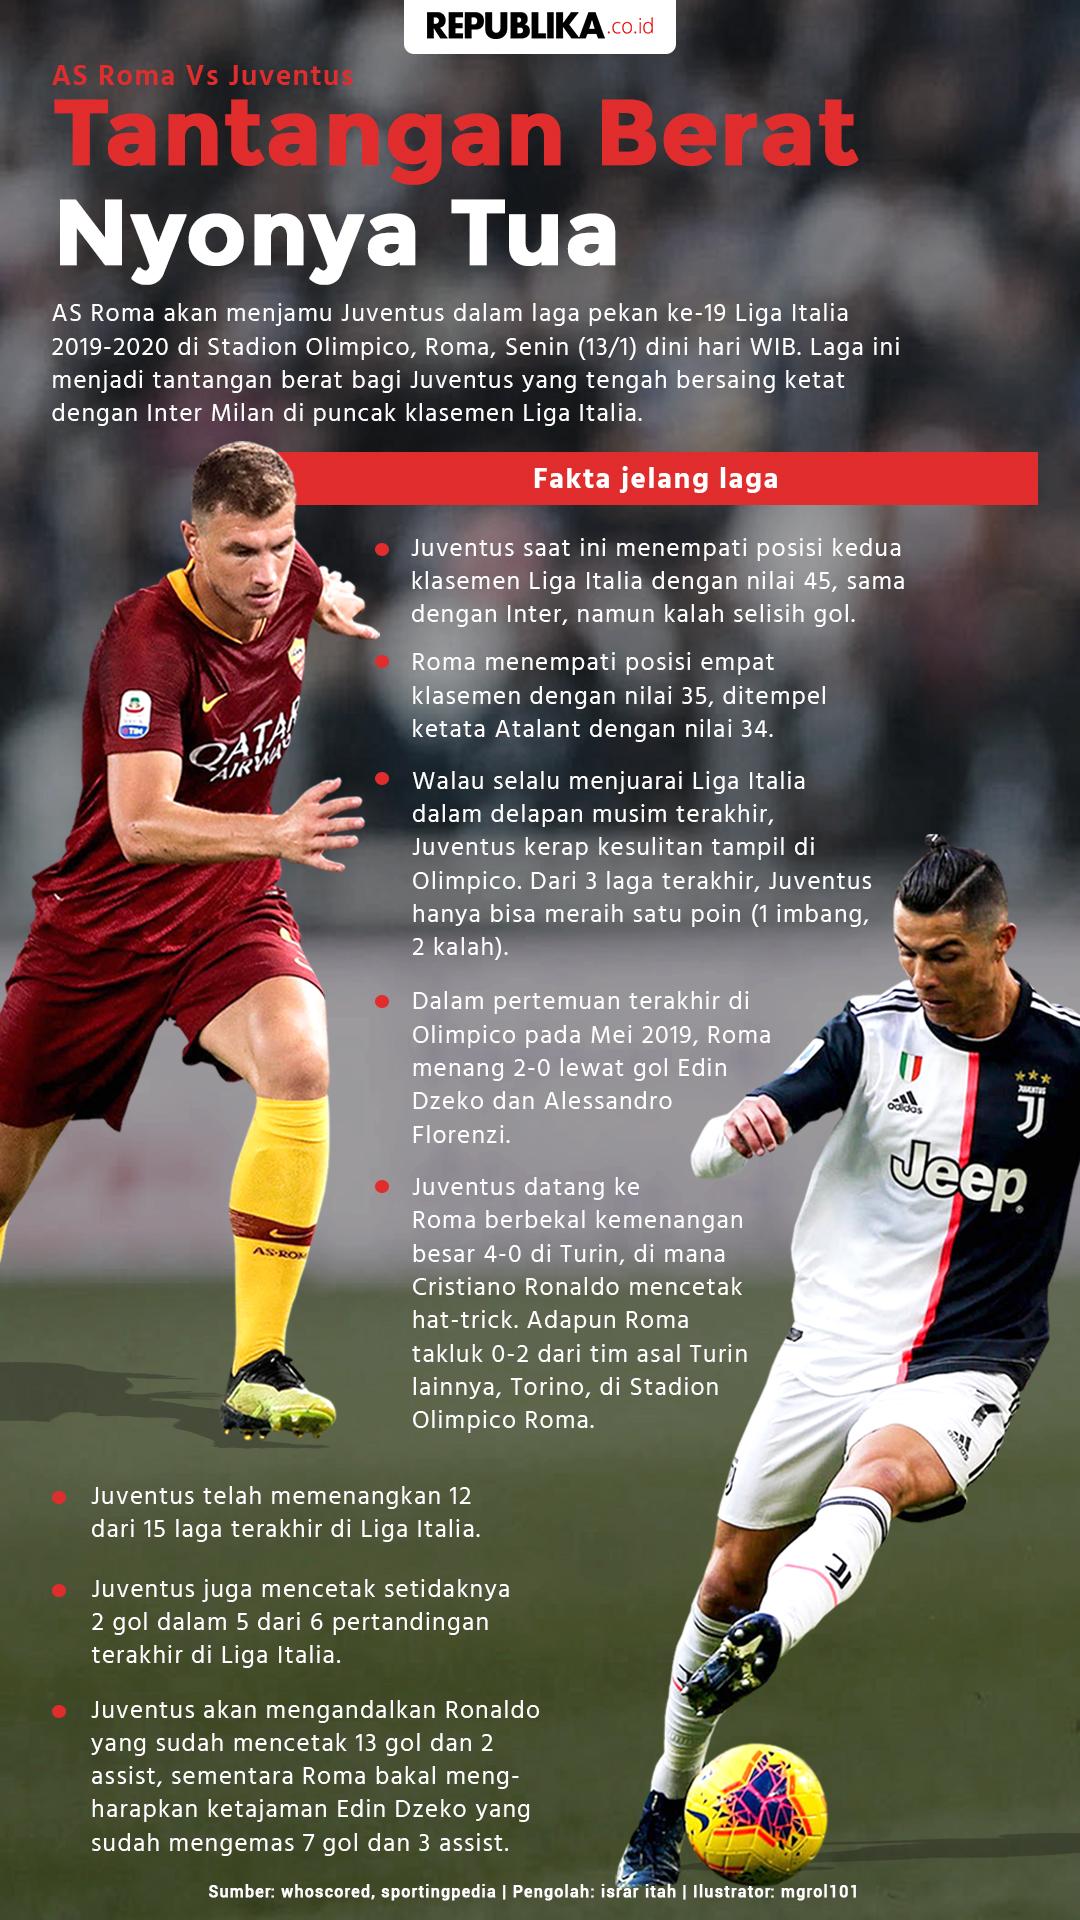 As Roma Vs Juventus Tantangan Berat Nyonya Tua Republika Online